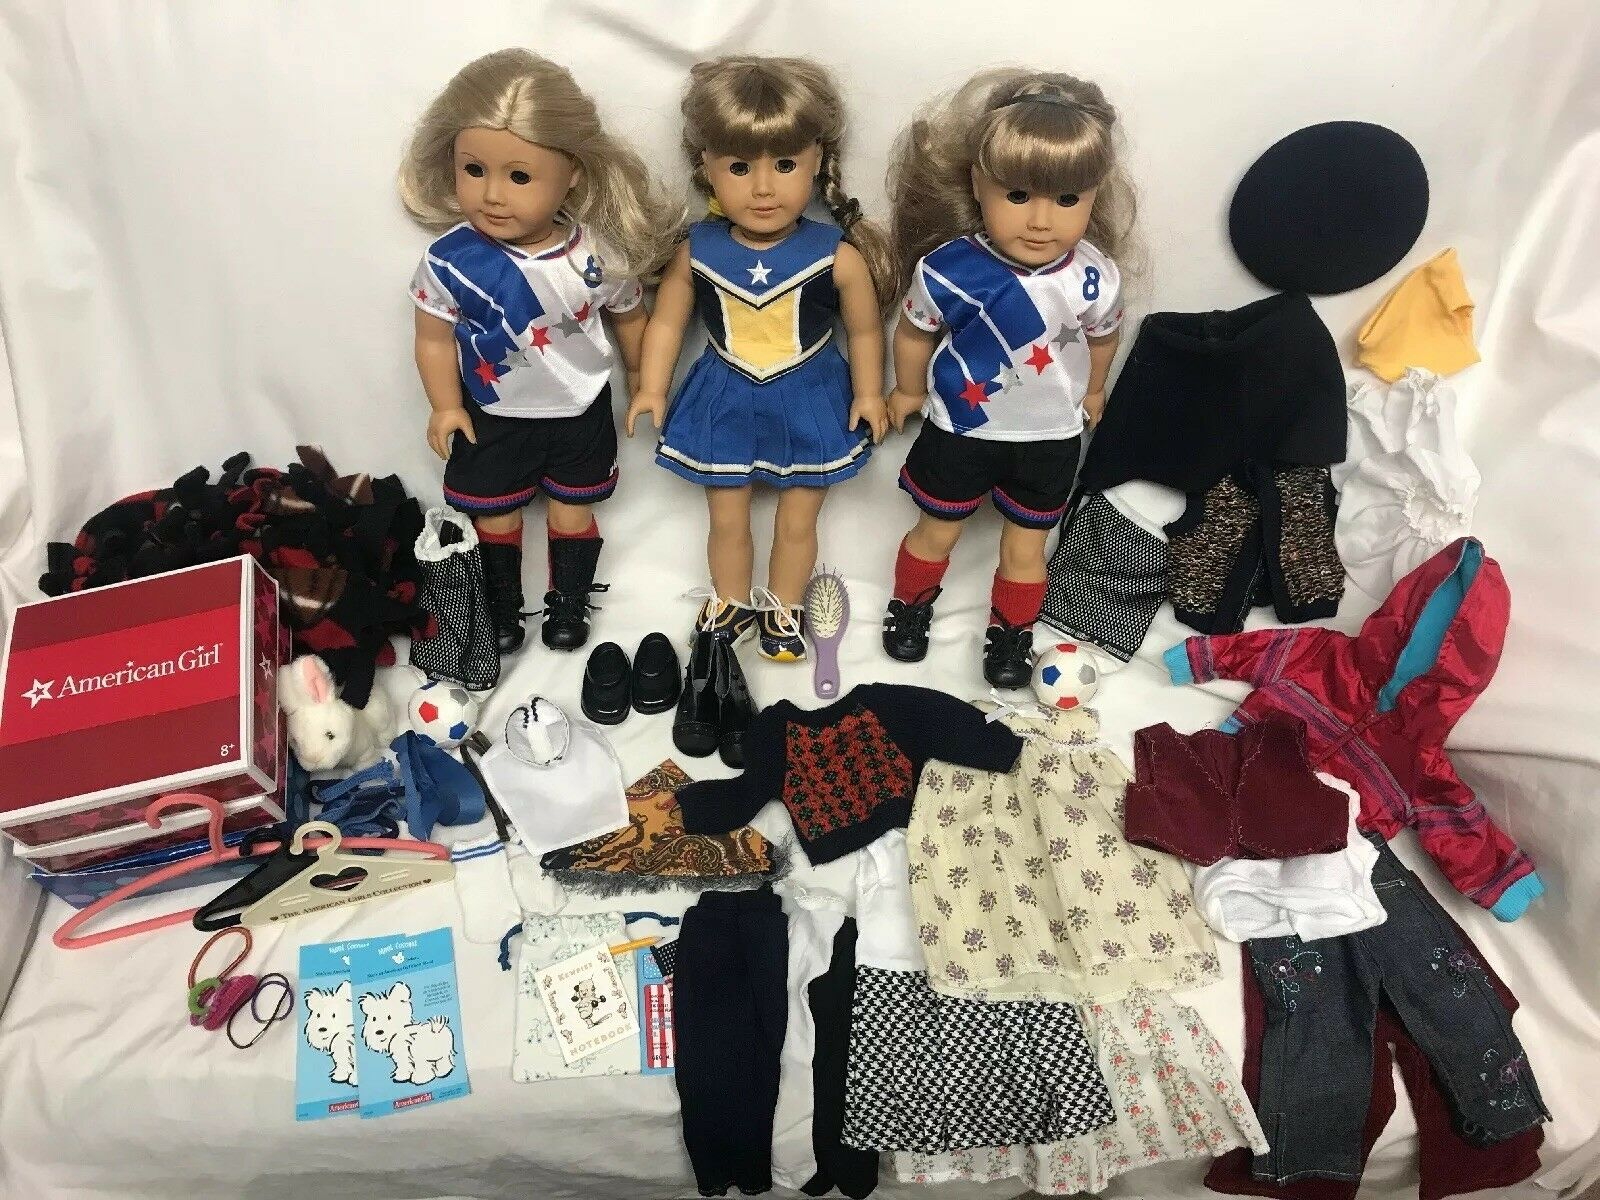 Lote de muñecas American Girl agradable compañía, ropa y accesorios usados